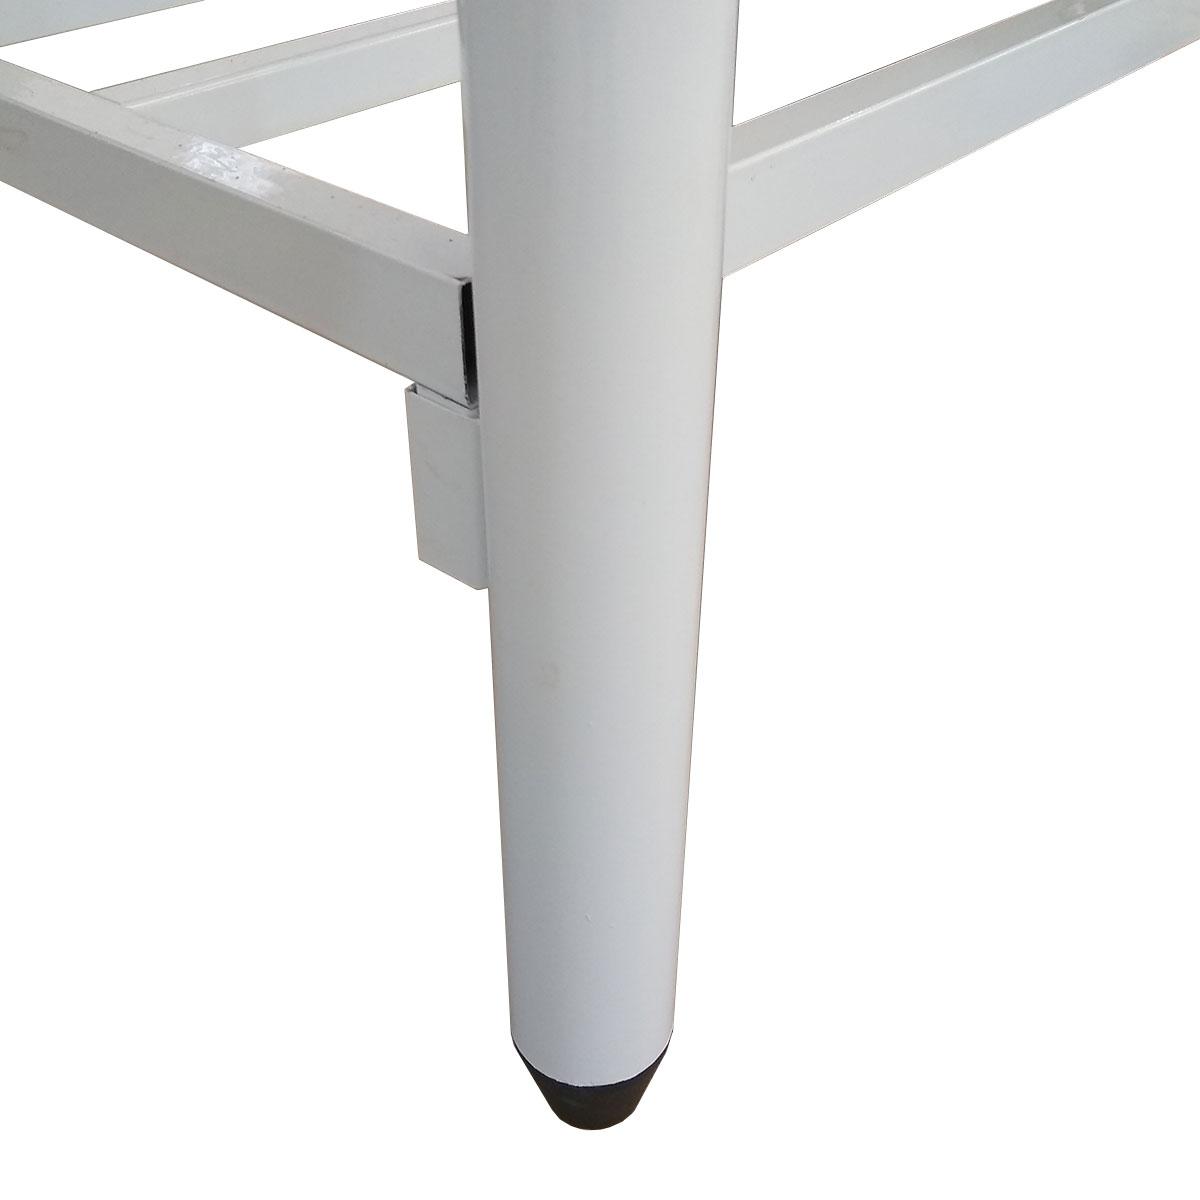 Mesa Em Inox Innal 100x70 Contraventada Em H - Innal  - Carmel Equipamentos